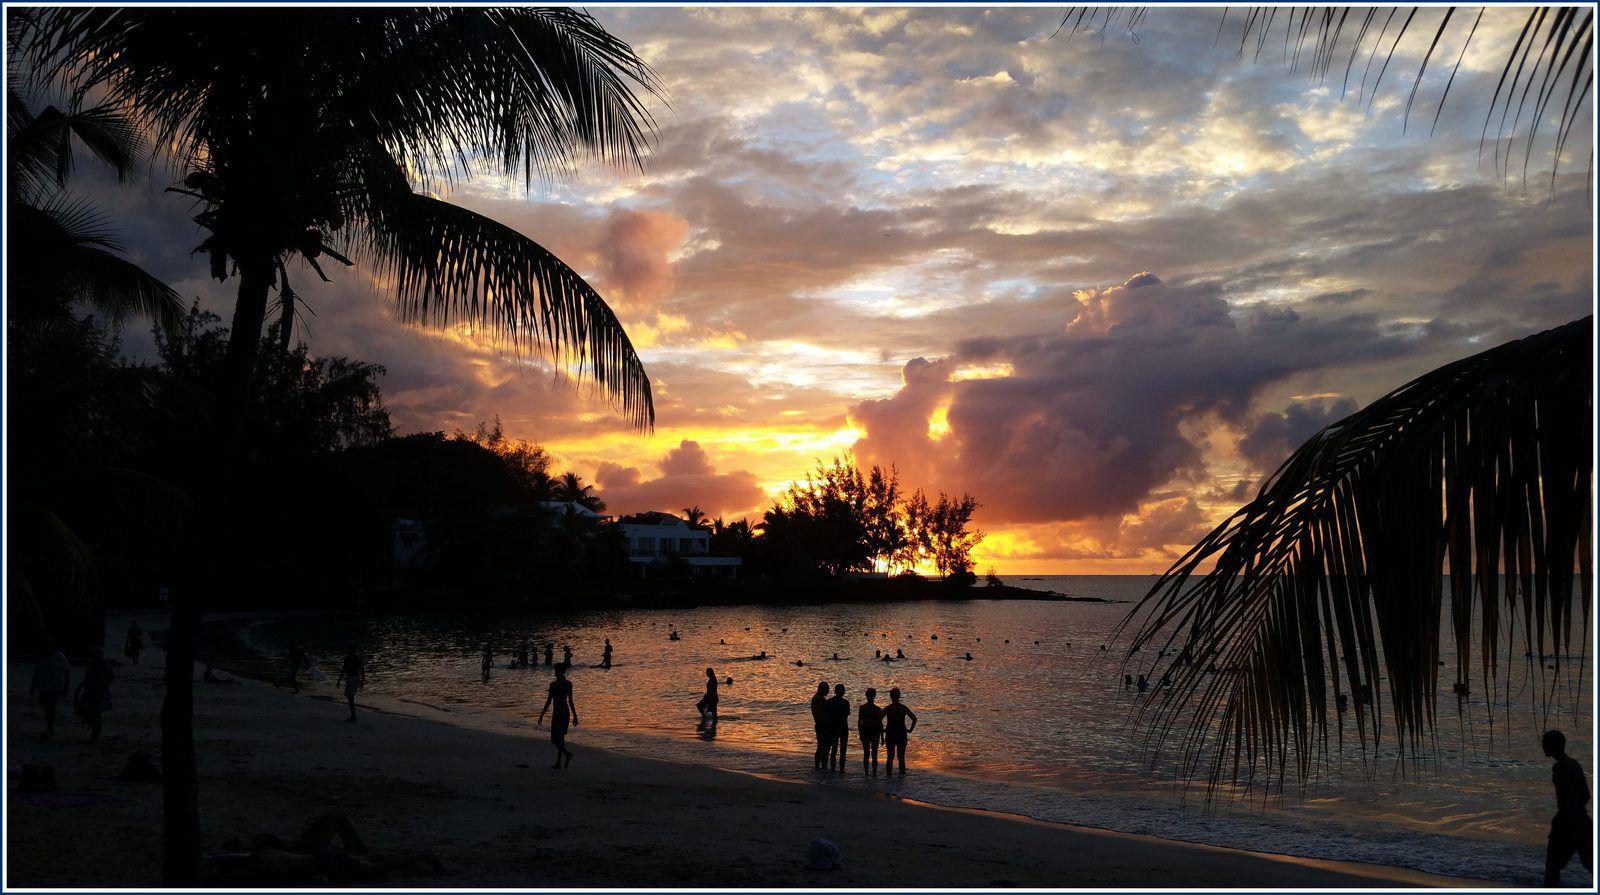 331 - Île Maurice photos en passant... 19/03/2020 - 3 personnes touchées par le Covid-19 - Dernière journée de liberté avant confinement et désertification progressive des plages et rues de Péreybère...